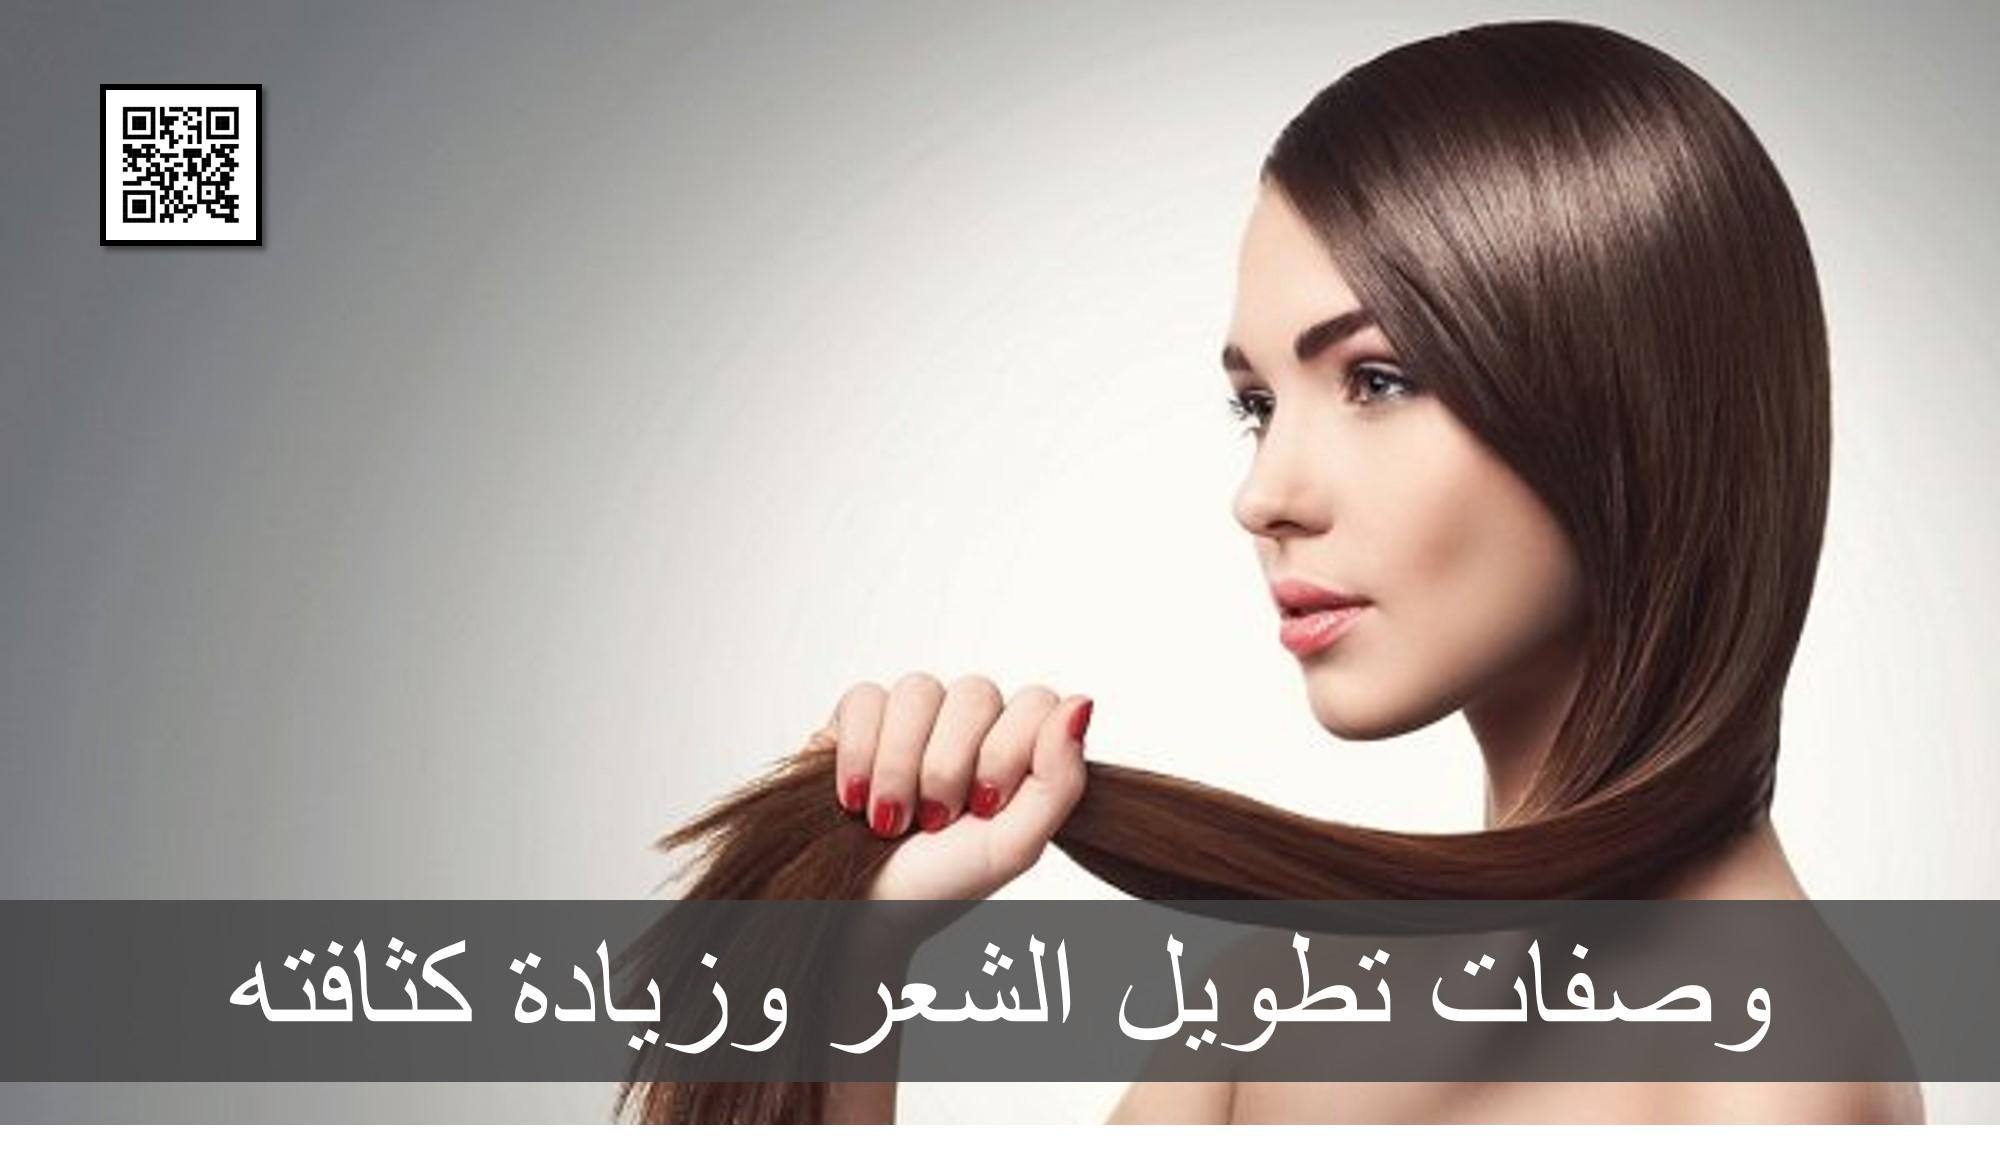 بالصور طرق تطويل الشعر , افضل طريقة لجعل الشعرطويل 5853 2